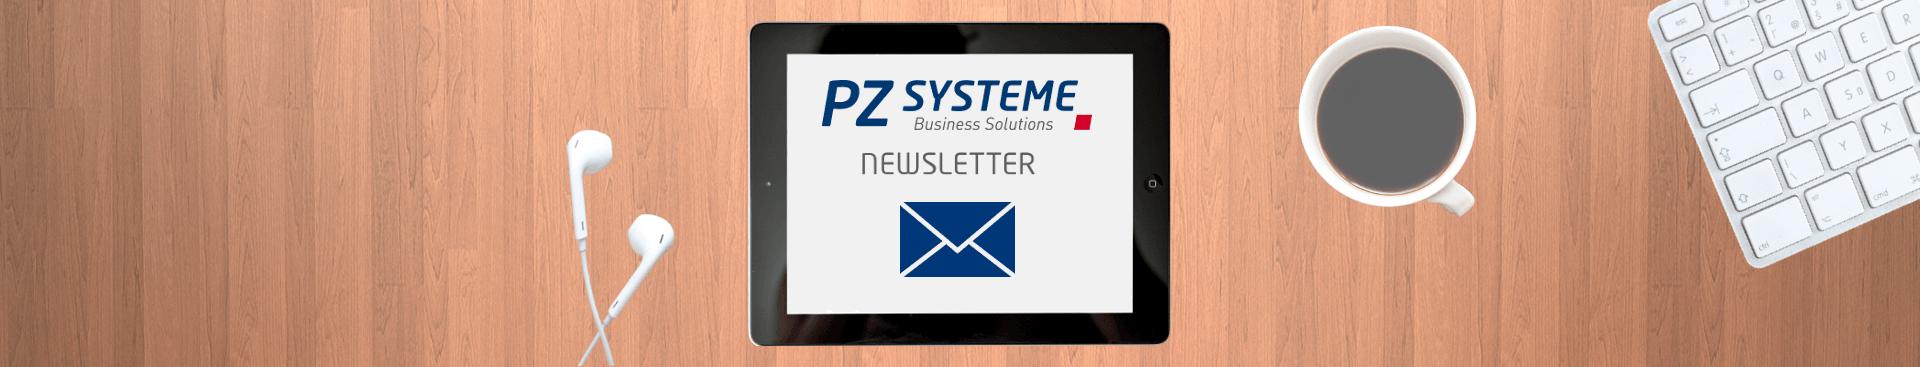 PZ Systeme-Banner